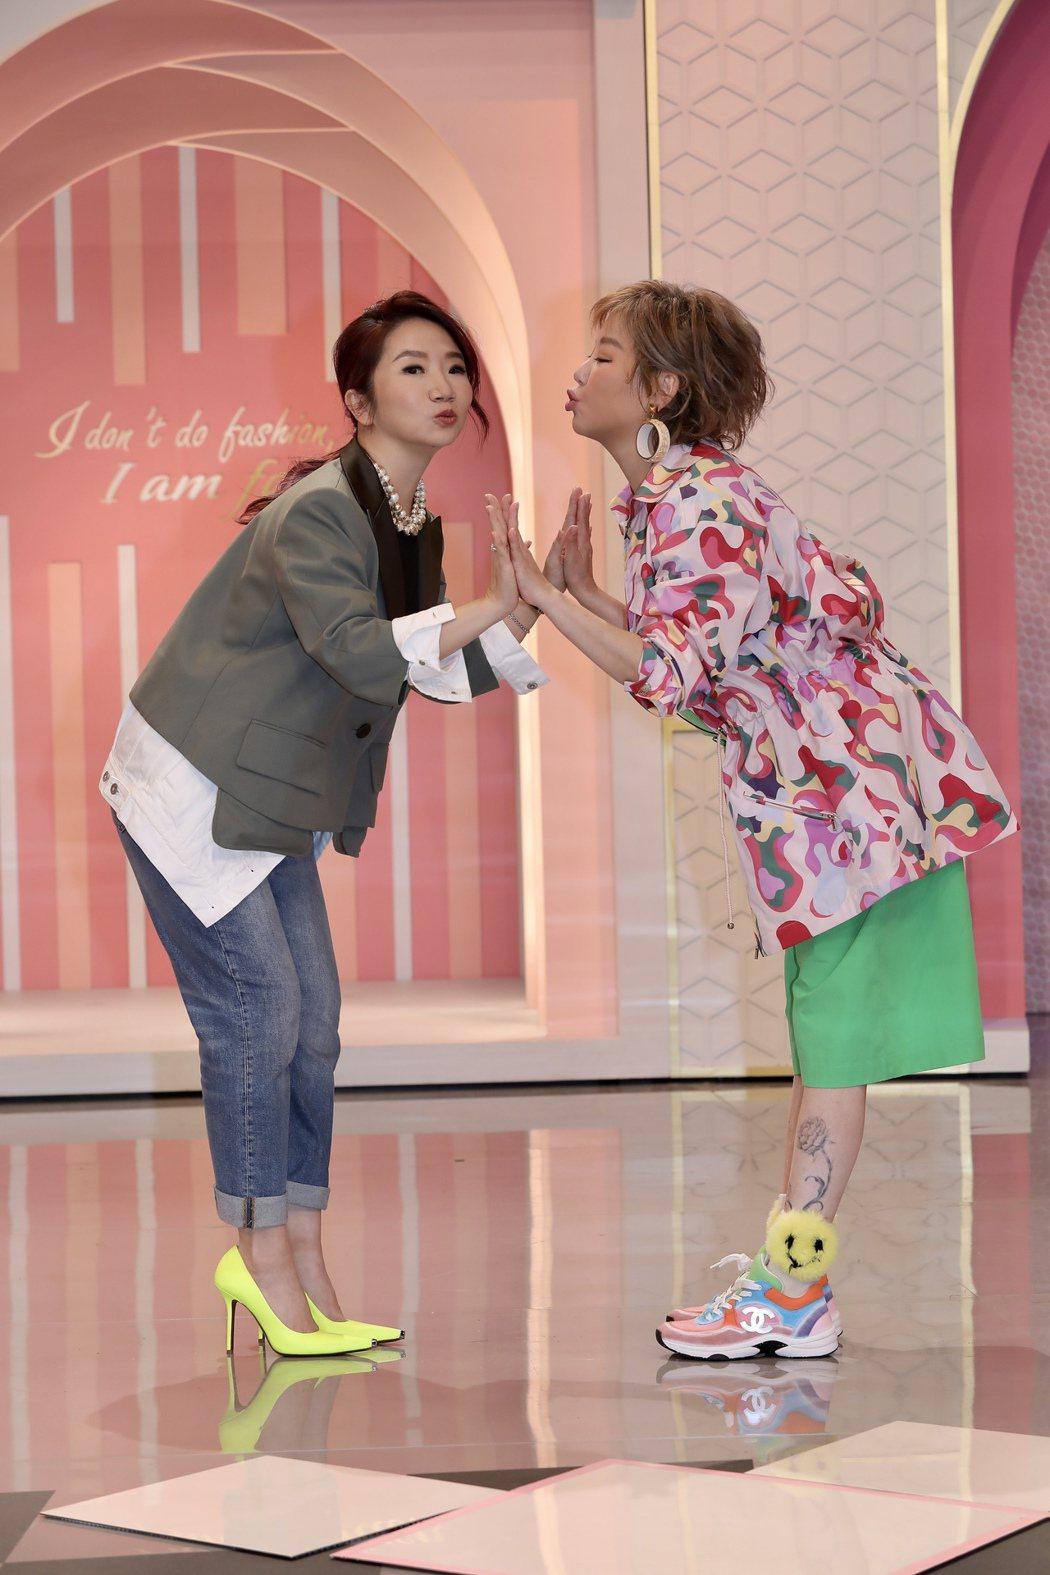 陶晶瑩(左)跟藍心湄姐妹淘難得在電視上同台。記者李政龍/攝影